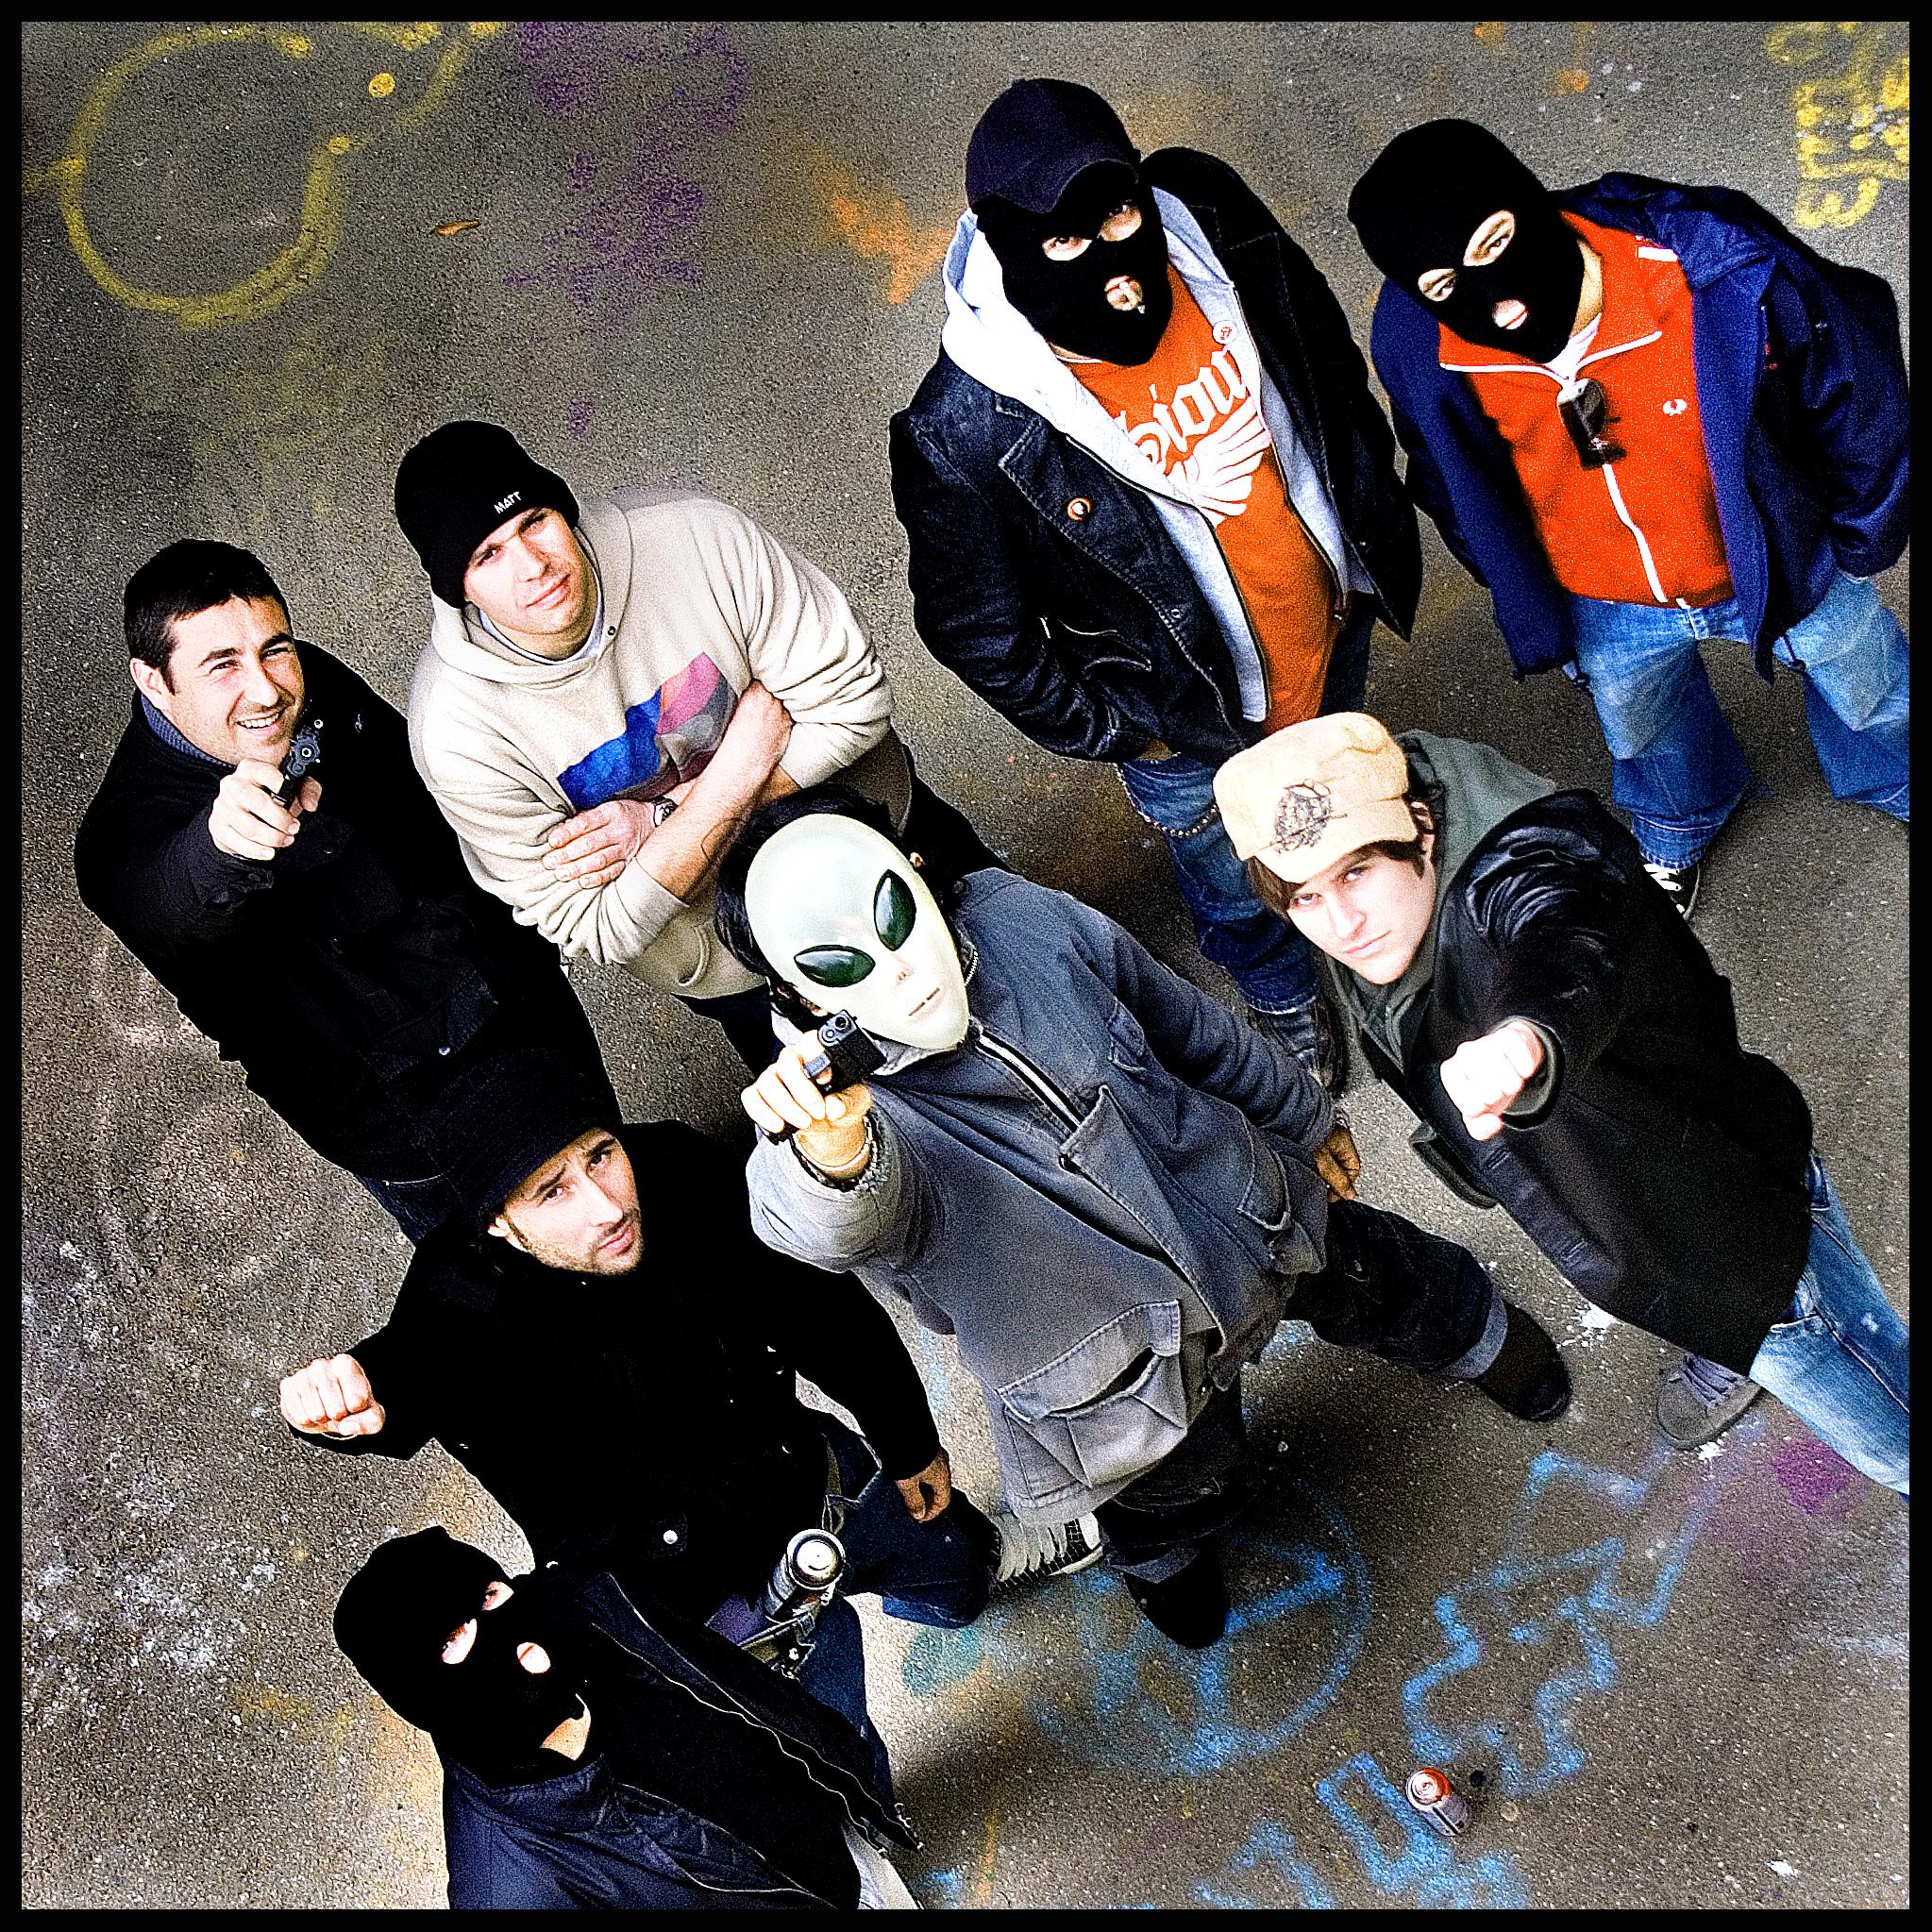 raperos crew ganster rap rap real rap duro raperos con pistolas